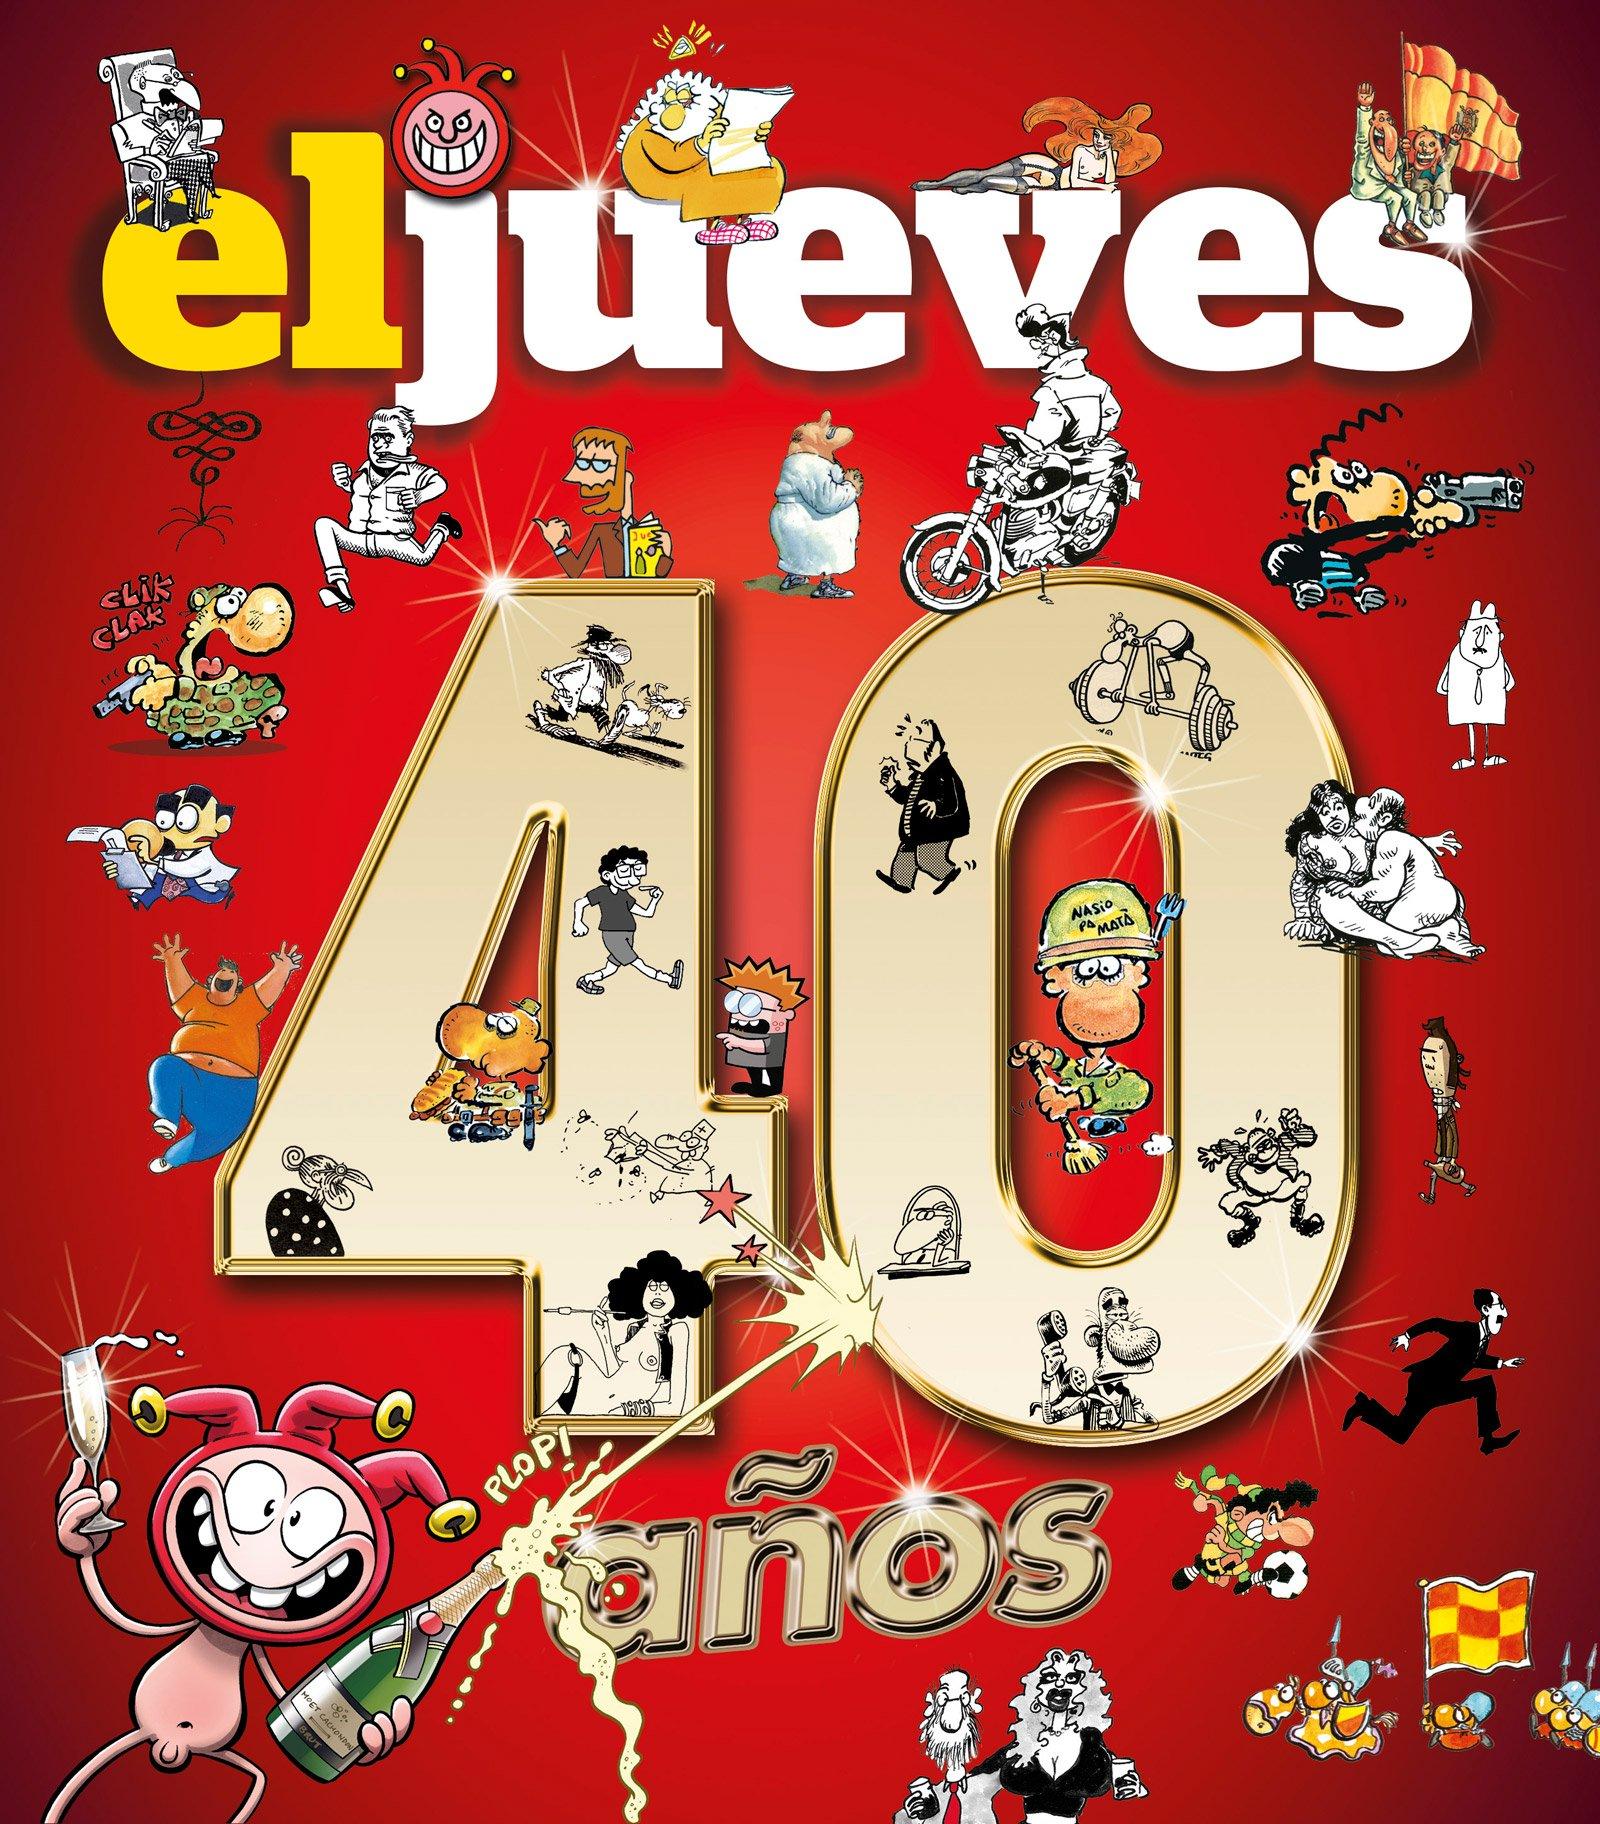 40 años de historia con el jueves (OTROS NO FICCIÓN) Tapa dura – 10 nov 2017 Vv.Aa RBA Libros 8490568529 Cartoons & comic strips